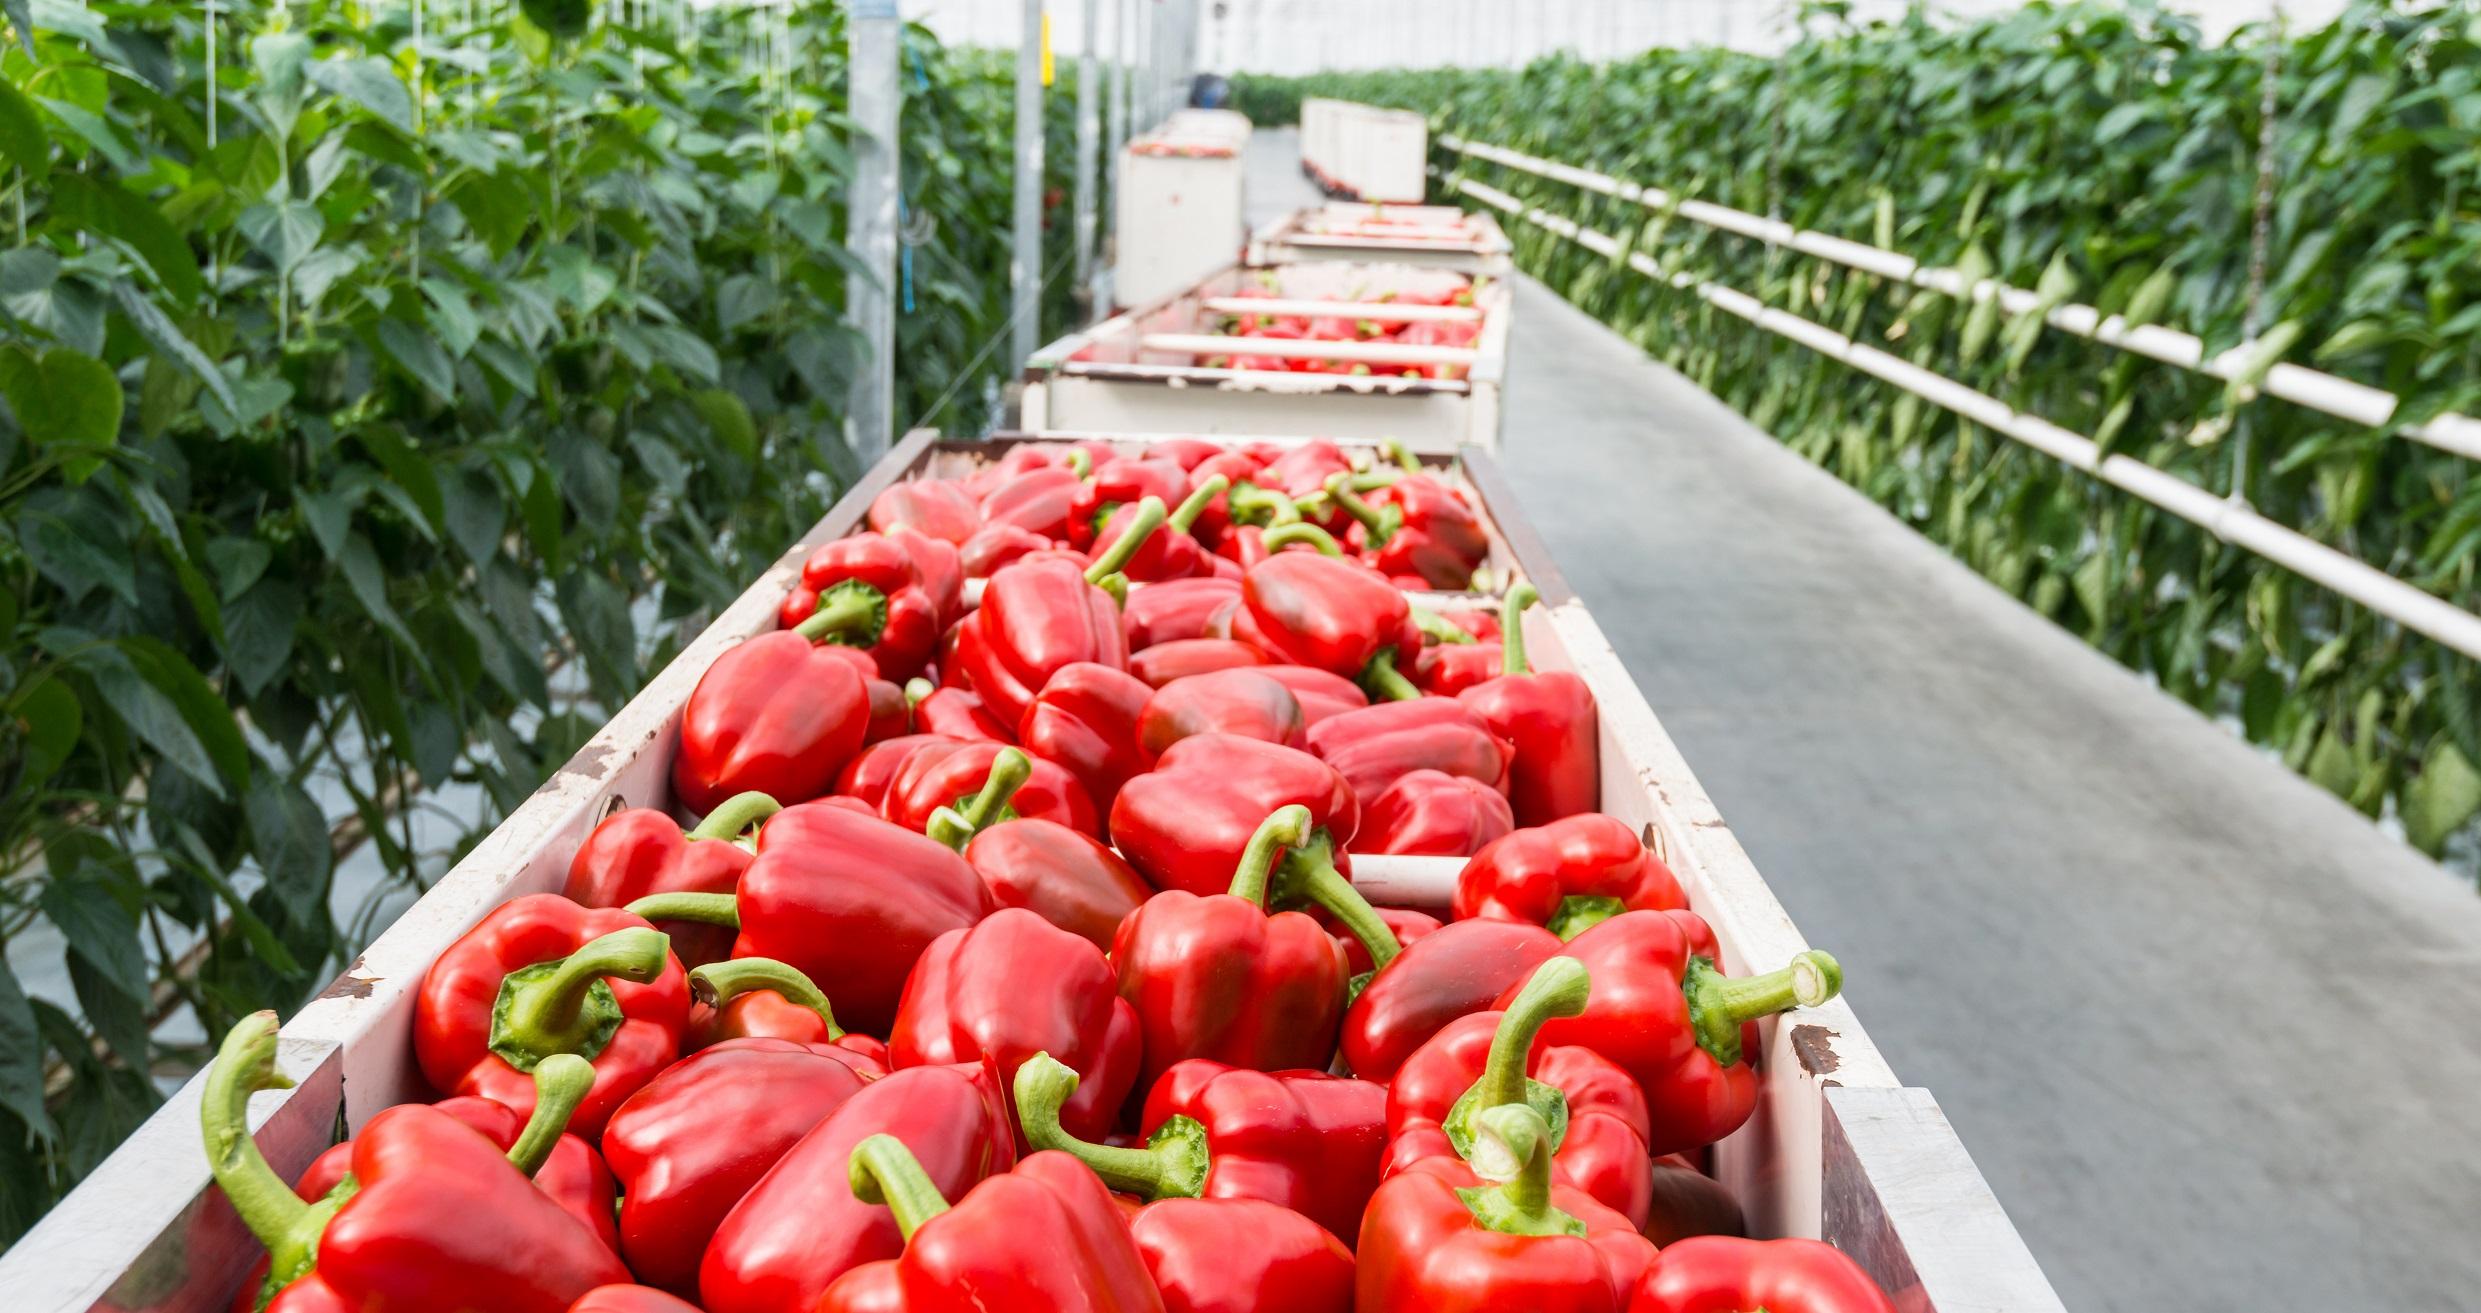 Las exportaciones agroalimentarias andaluzas suponen el 21,4% de las españolas de enero a noviembre de 2020